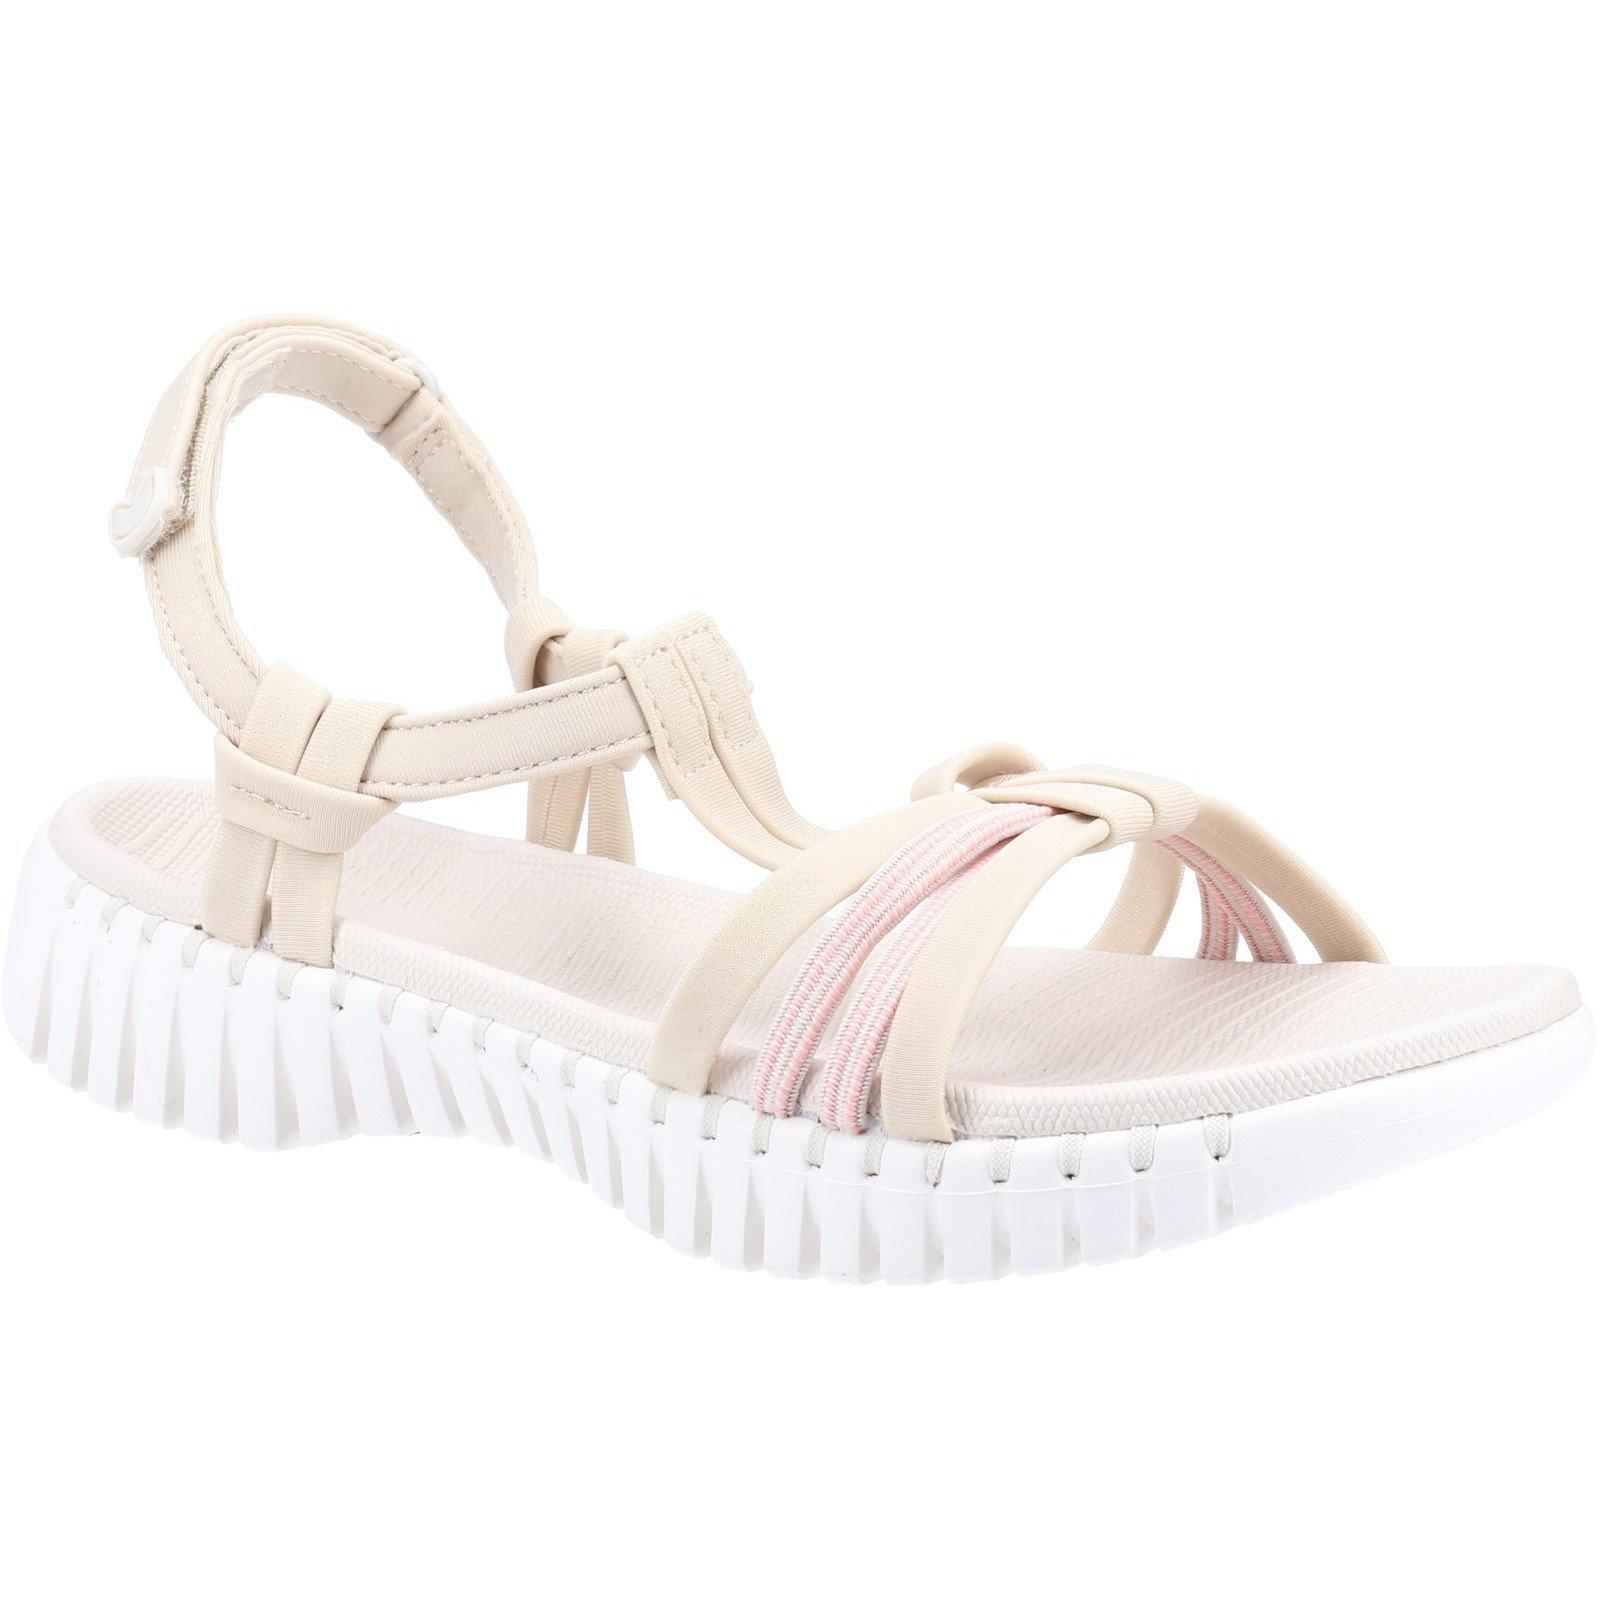 Skechers Women's Go Walk Smart Summer Sandal Various Colours 32156 - Natural 7